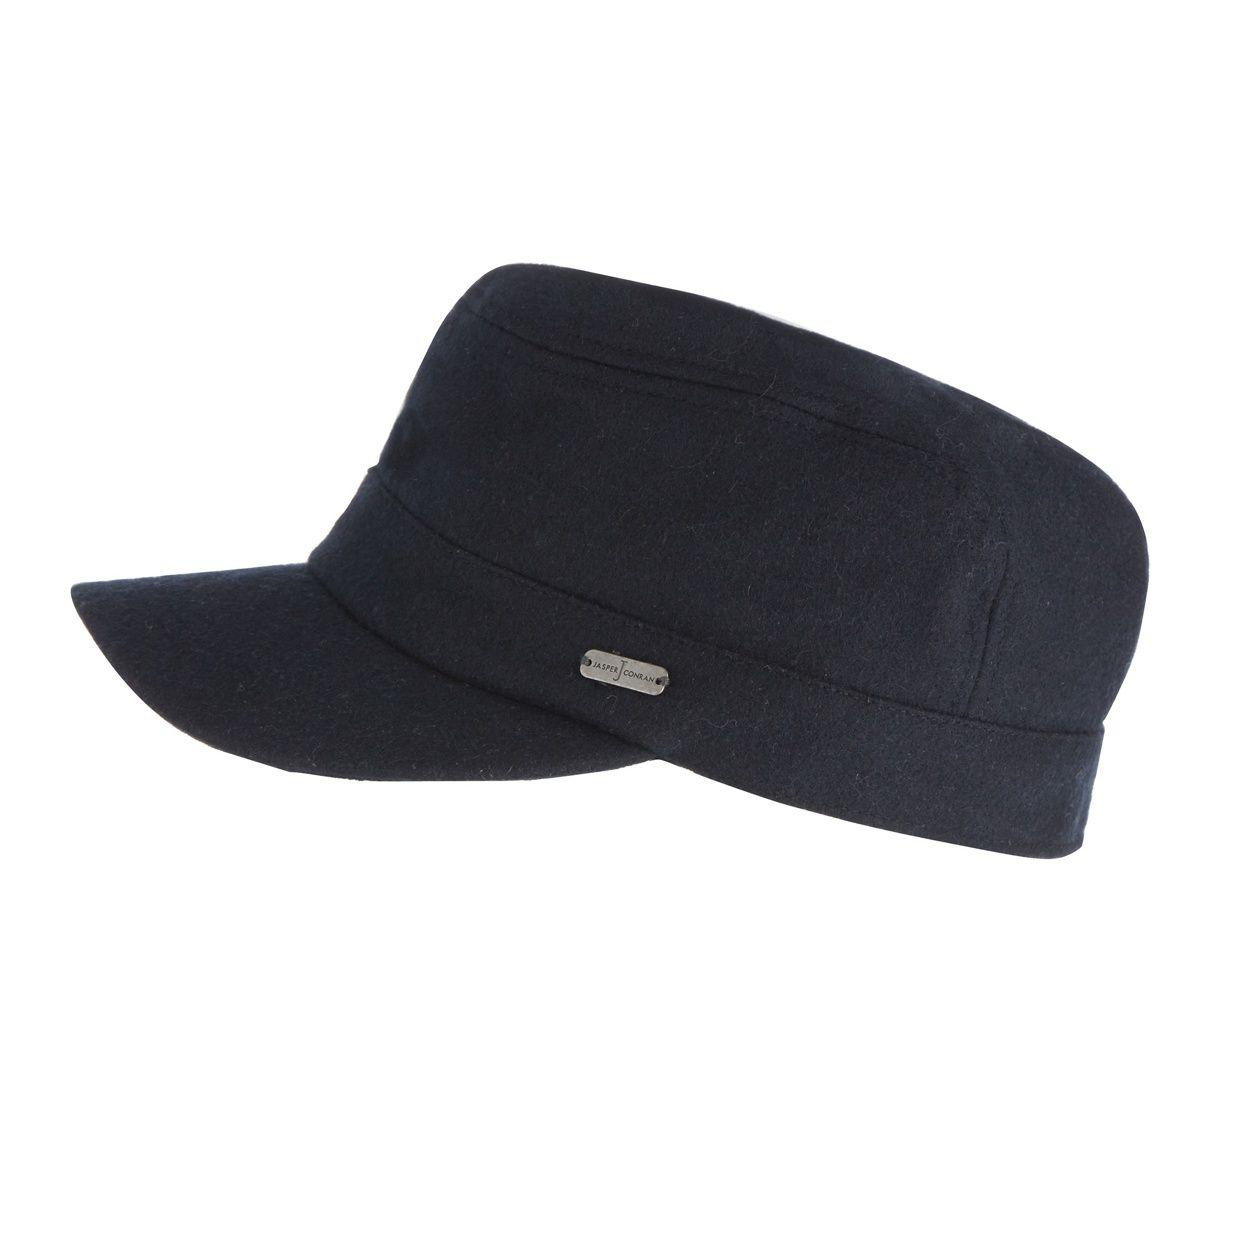 02183afc2cb J by Jasper Conran Designer navy melton train driver hat- at Debenhams.com